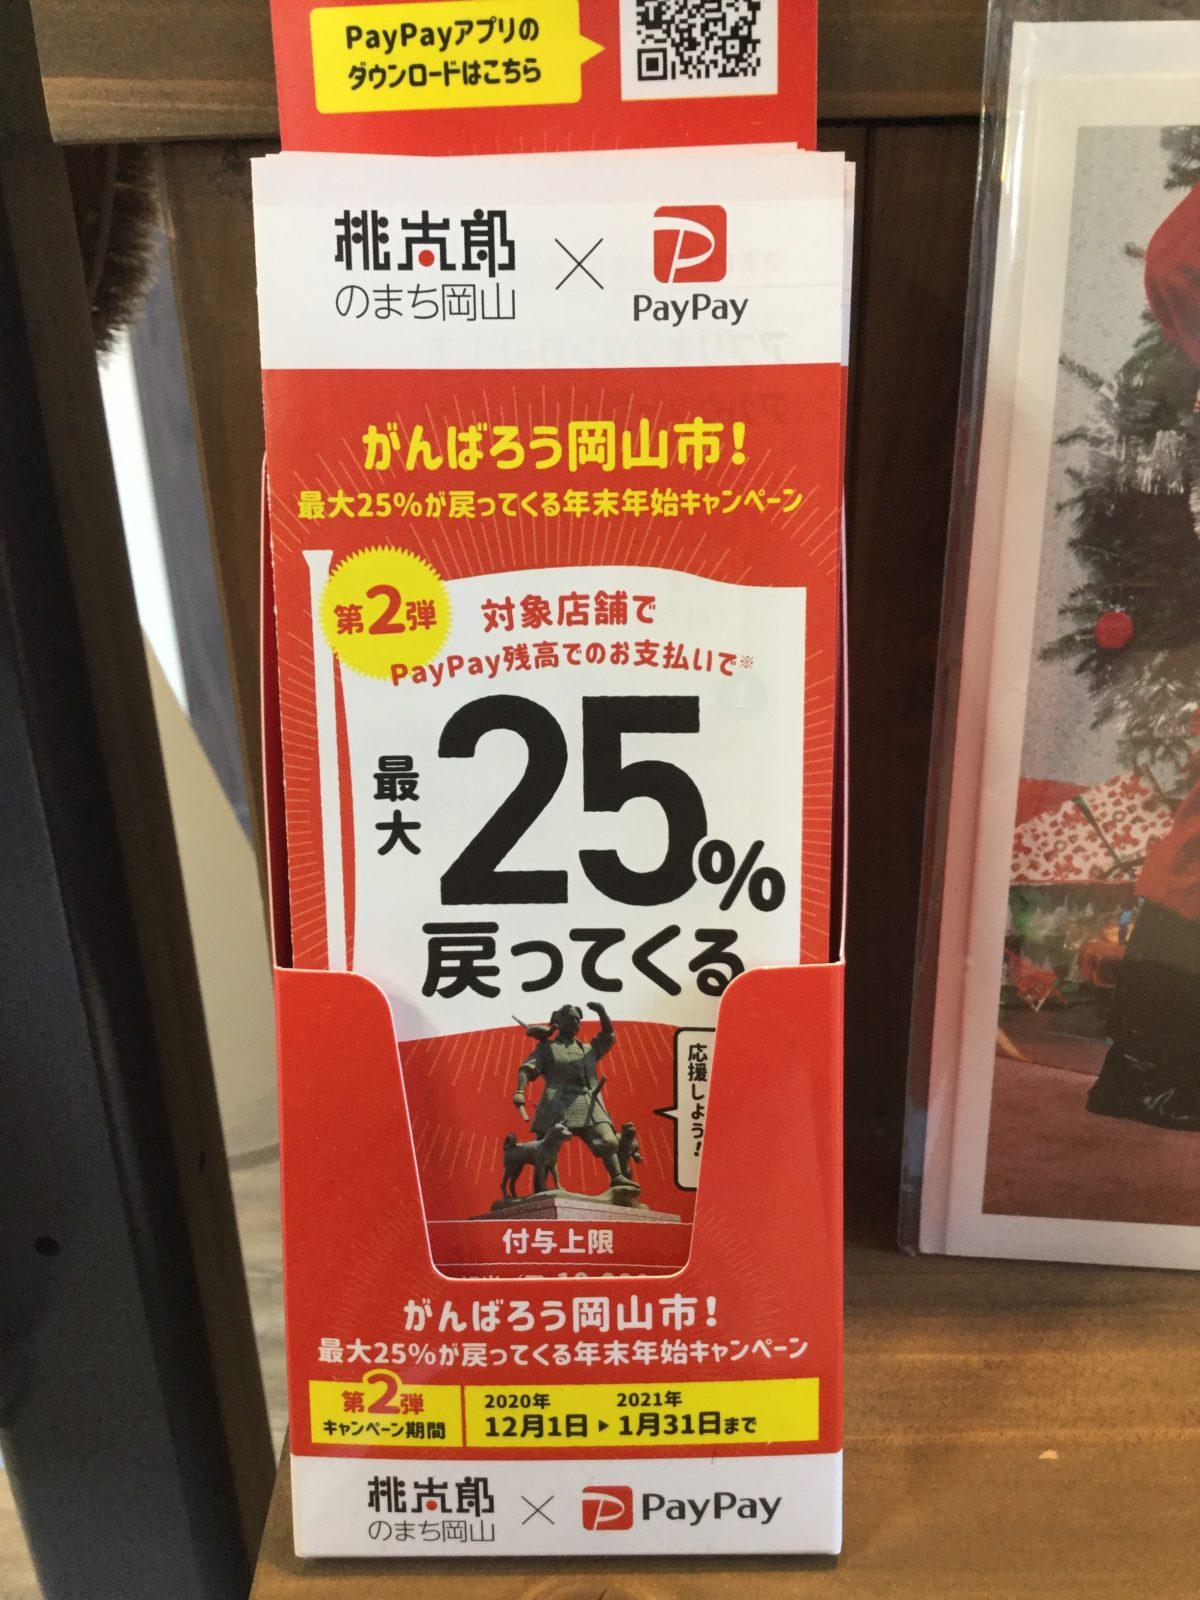 岡山市PayPayキャンペーン